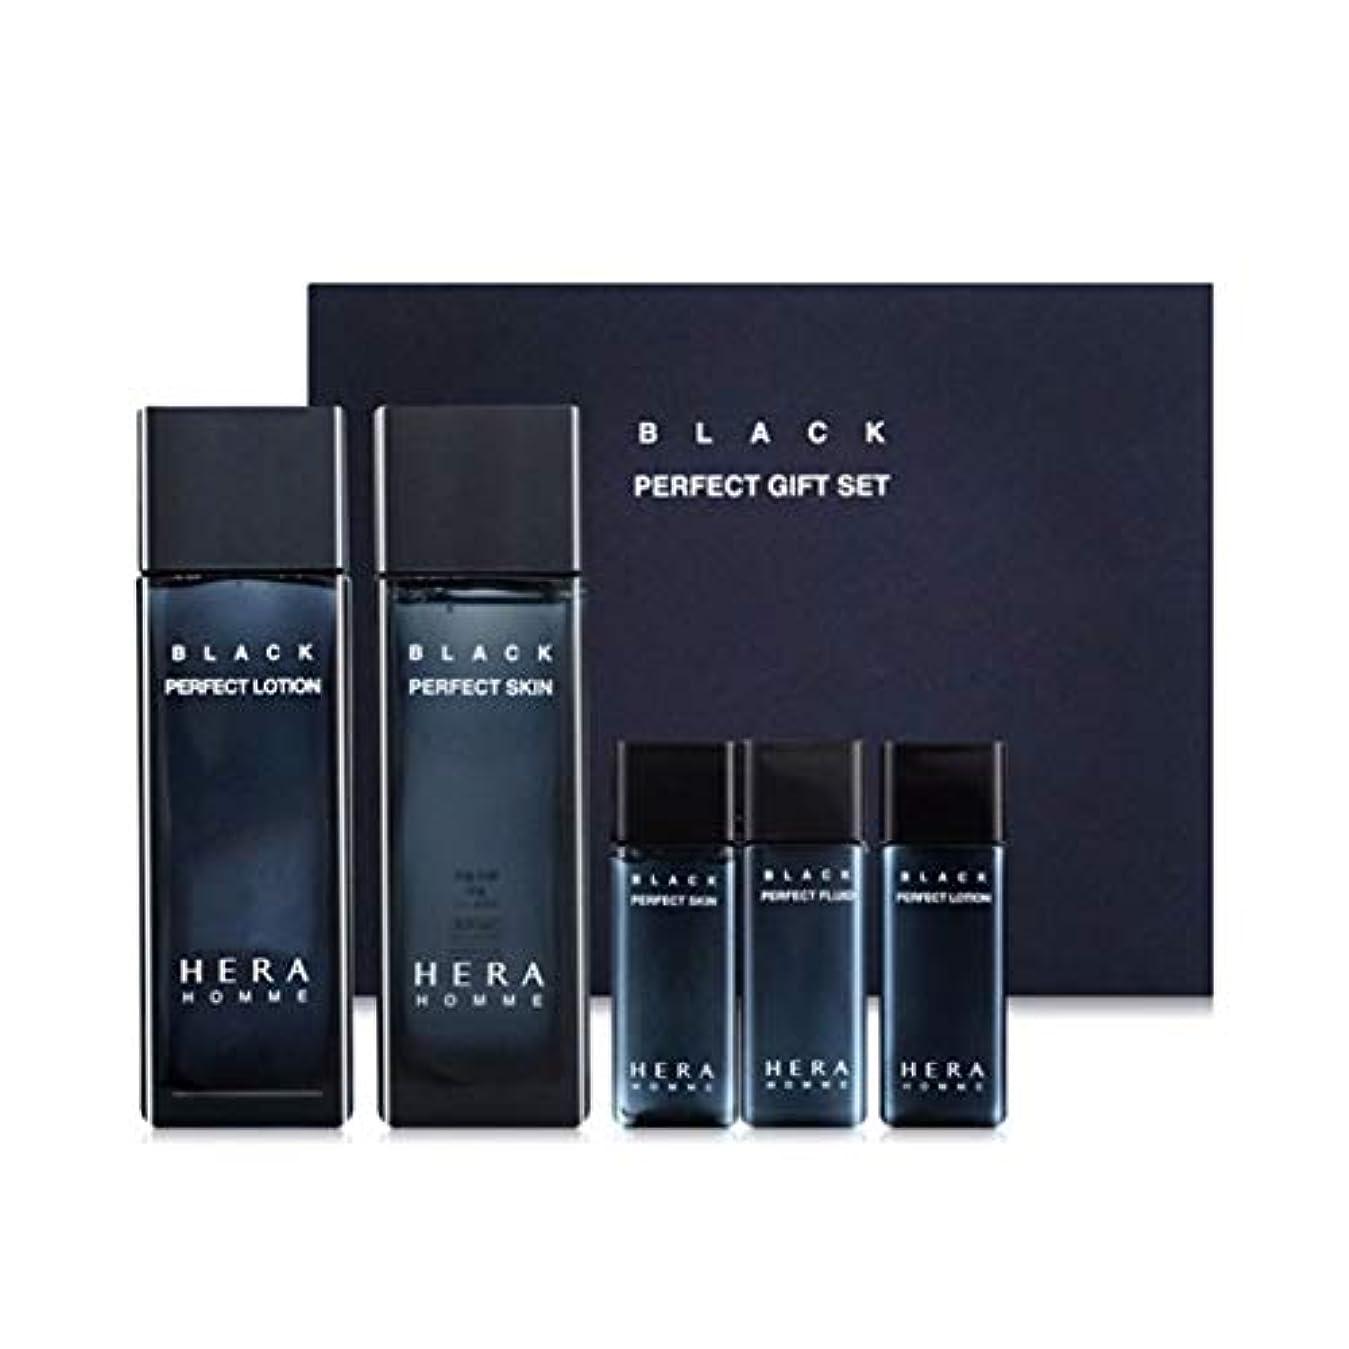 薬剤師砂漠輝くヘラオムブラックパーフェクトスキンローションセットメンズコスメ韓国コスメ、Hera Homme Black Perfect Skin Lotion Set Men's Cosmetics Korean Cosmetics...